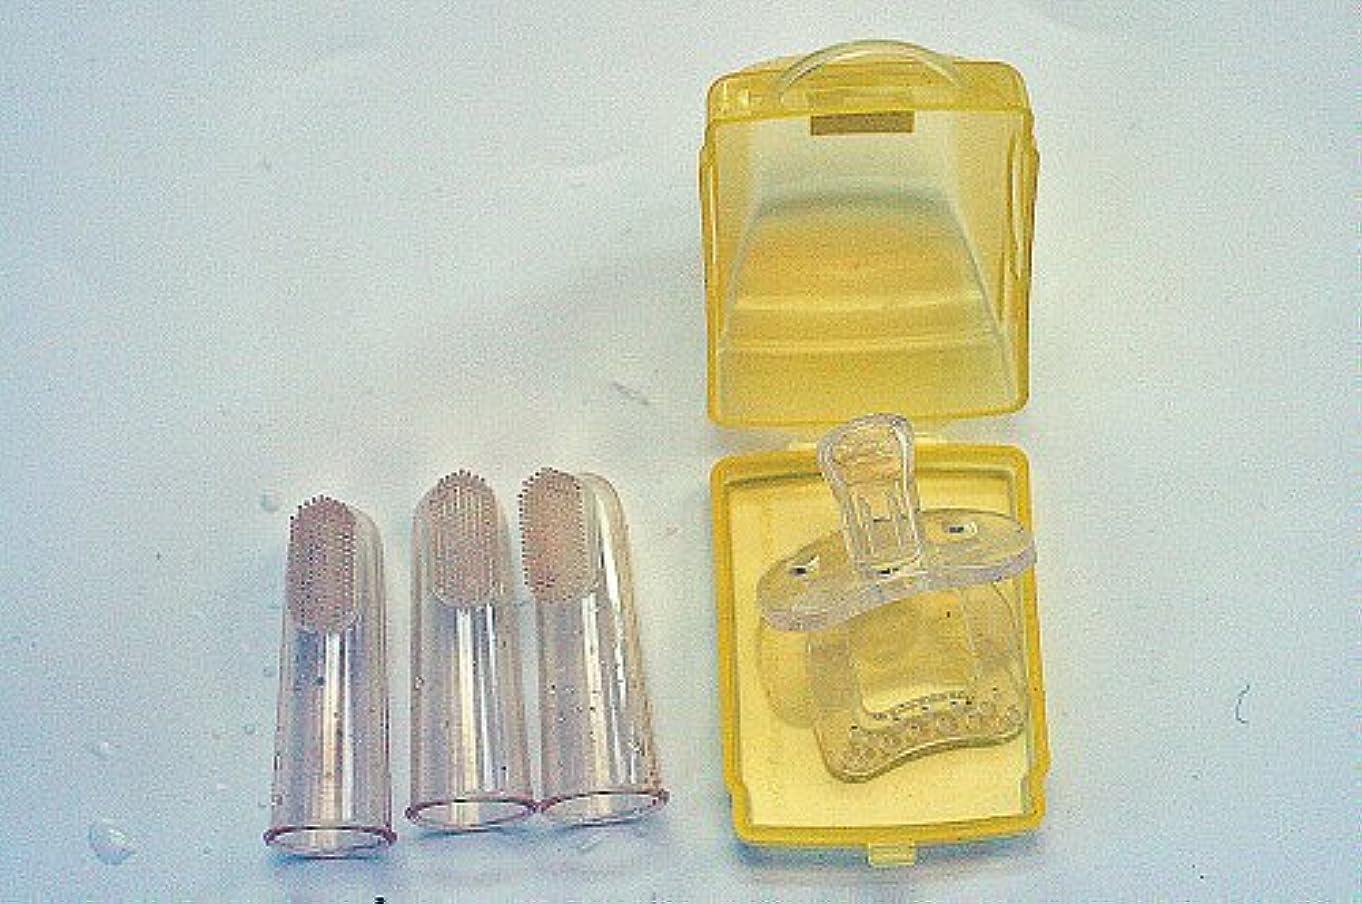 マーティンルーサーキングジュニア排泄物上がる歯ブラシ おしゃぶり ベビーソフト歯ブラシ3個セット/ シリコンおしゃぶりカーケース入り オーラルケアギフトセット 2種類組み